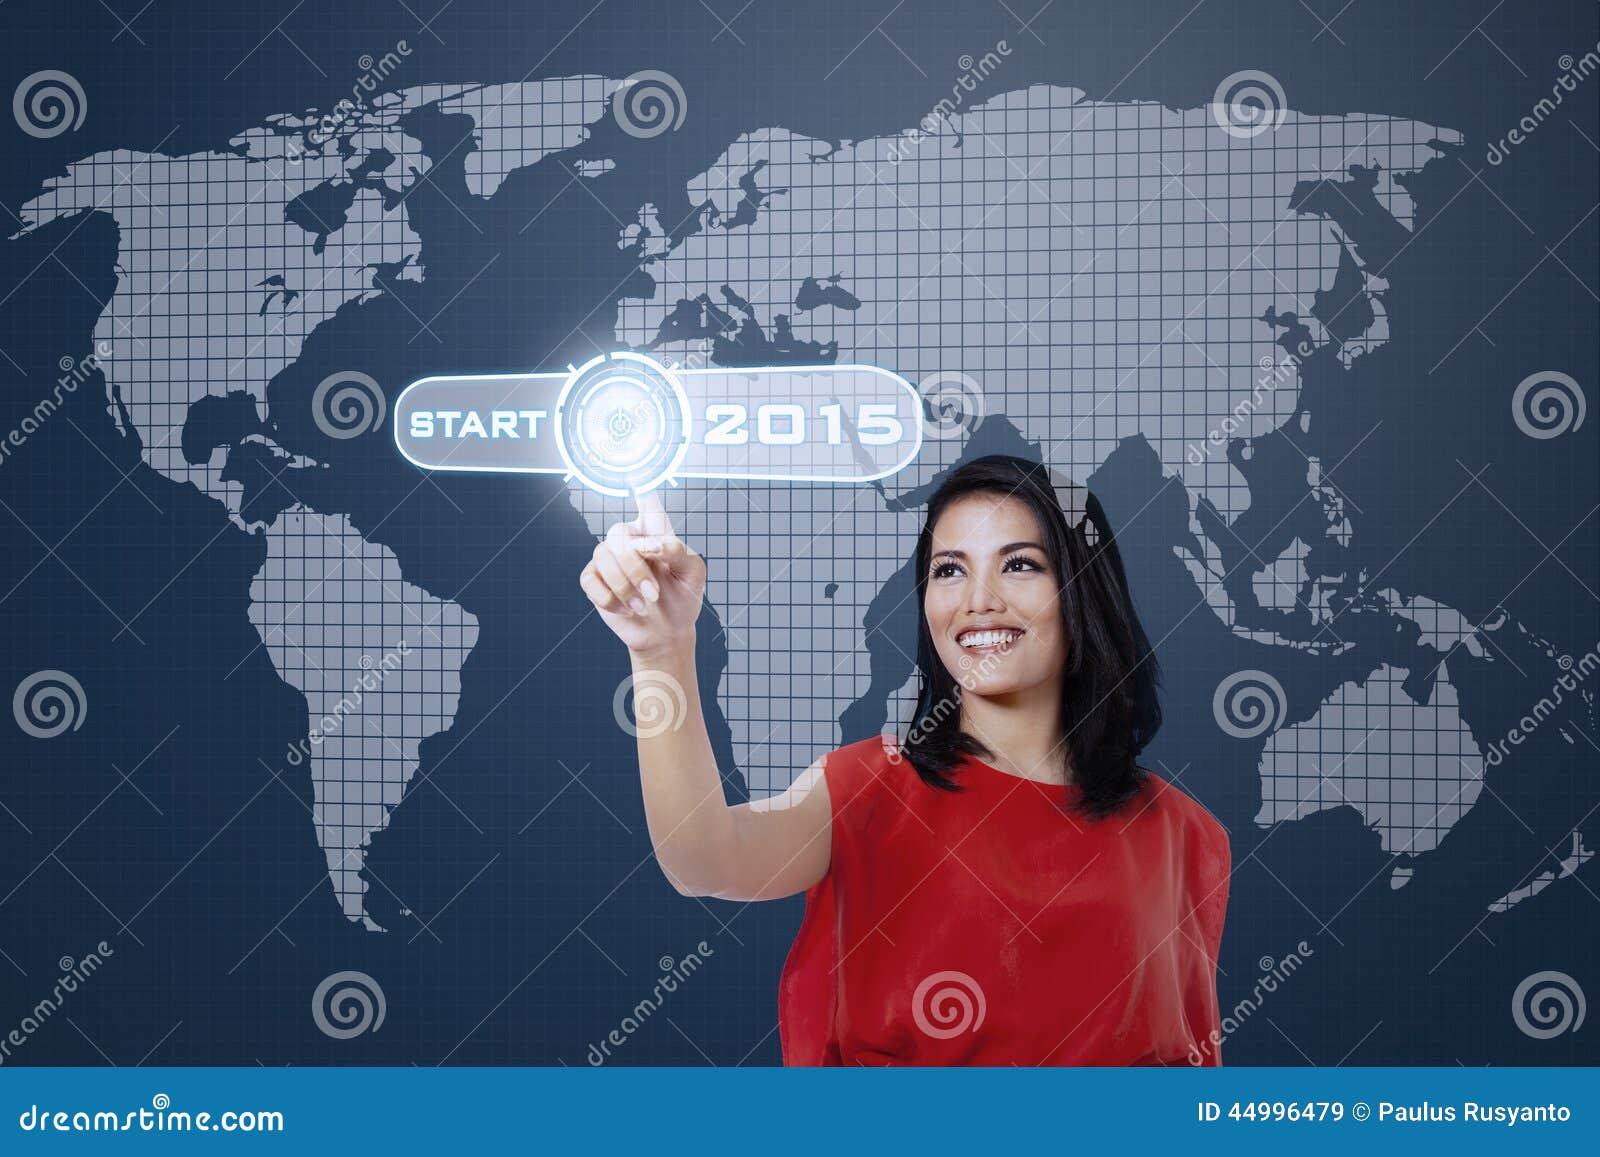 Lächelnde Frau, die einen Startknopf berührt